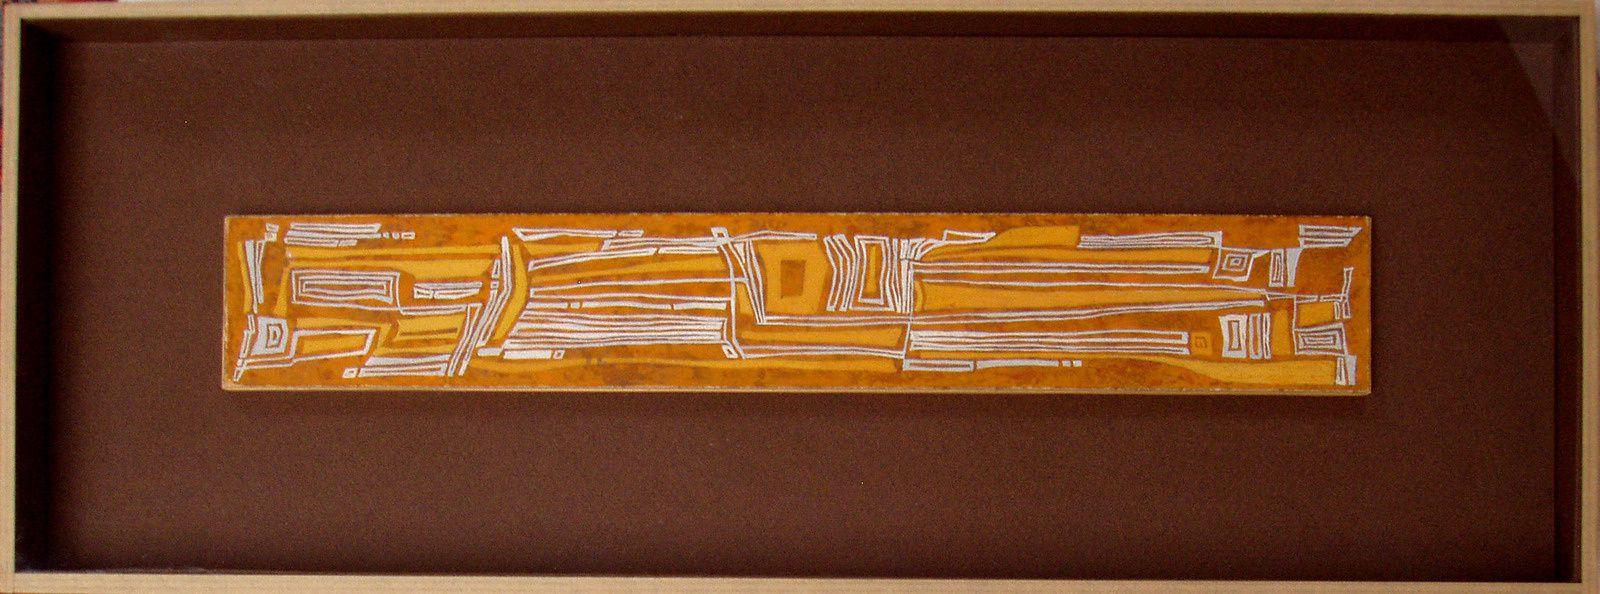 Peinture acrylique dans un boîtage ouvert